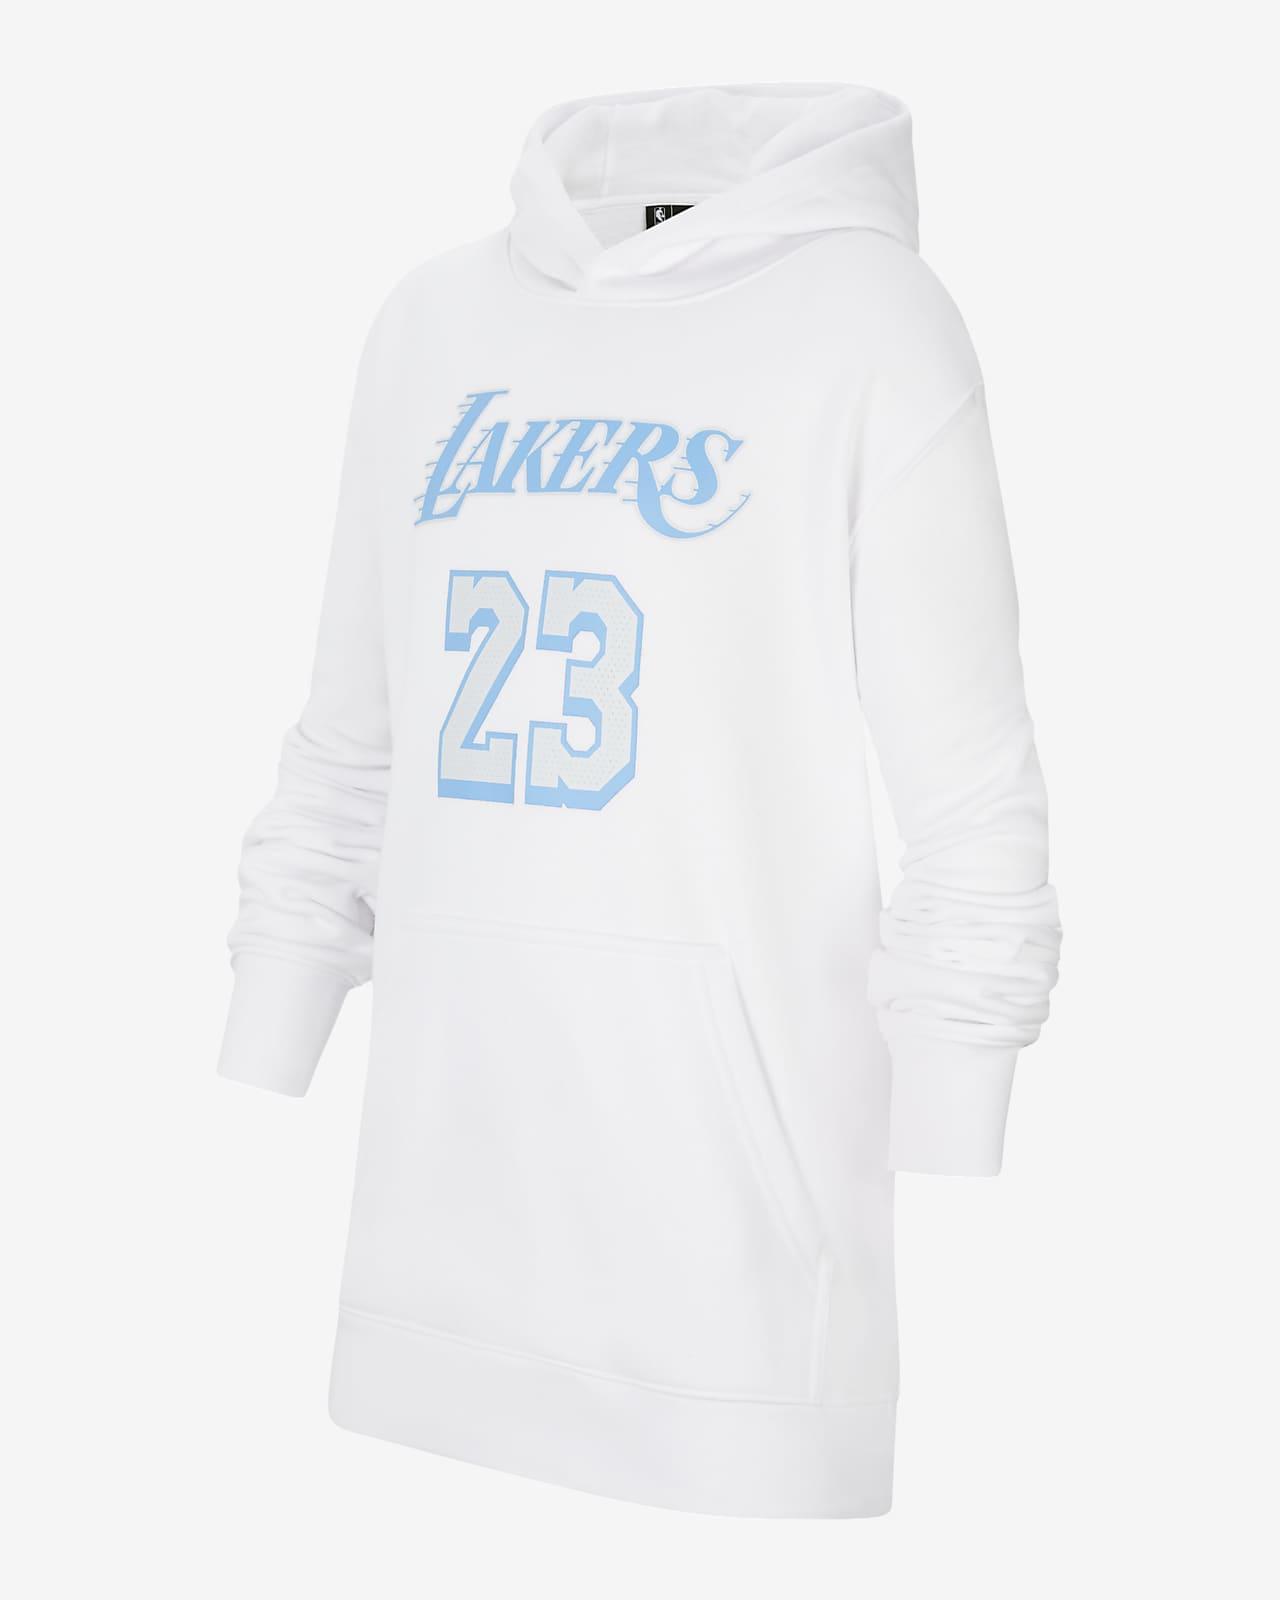 LeBron James Lakers City Edition Nike NBA-hoodie voor kids